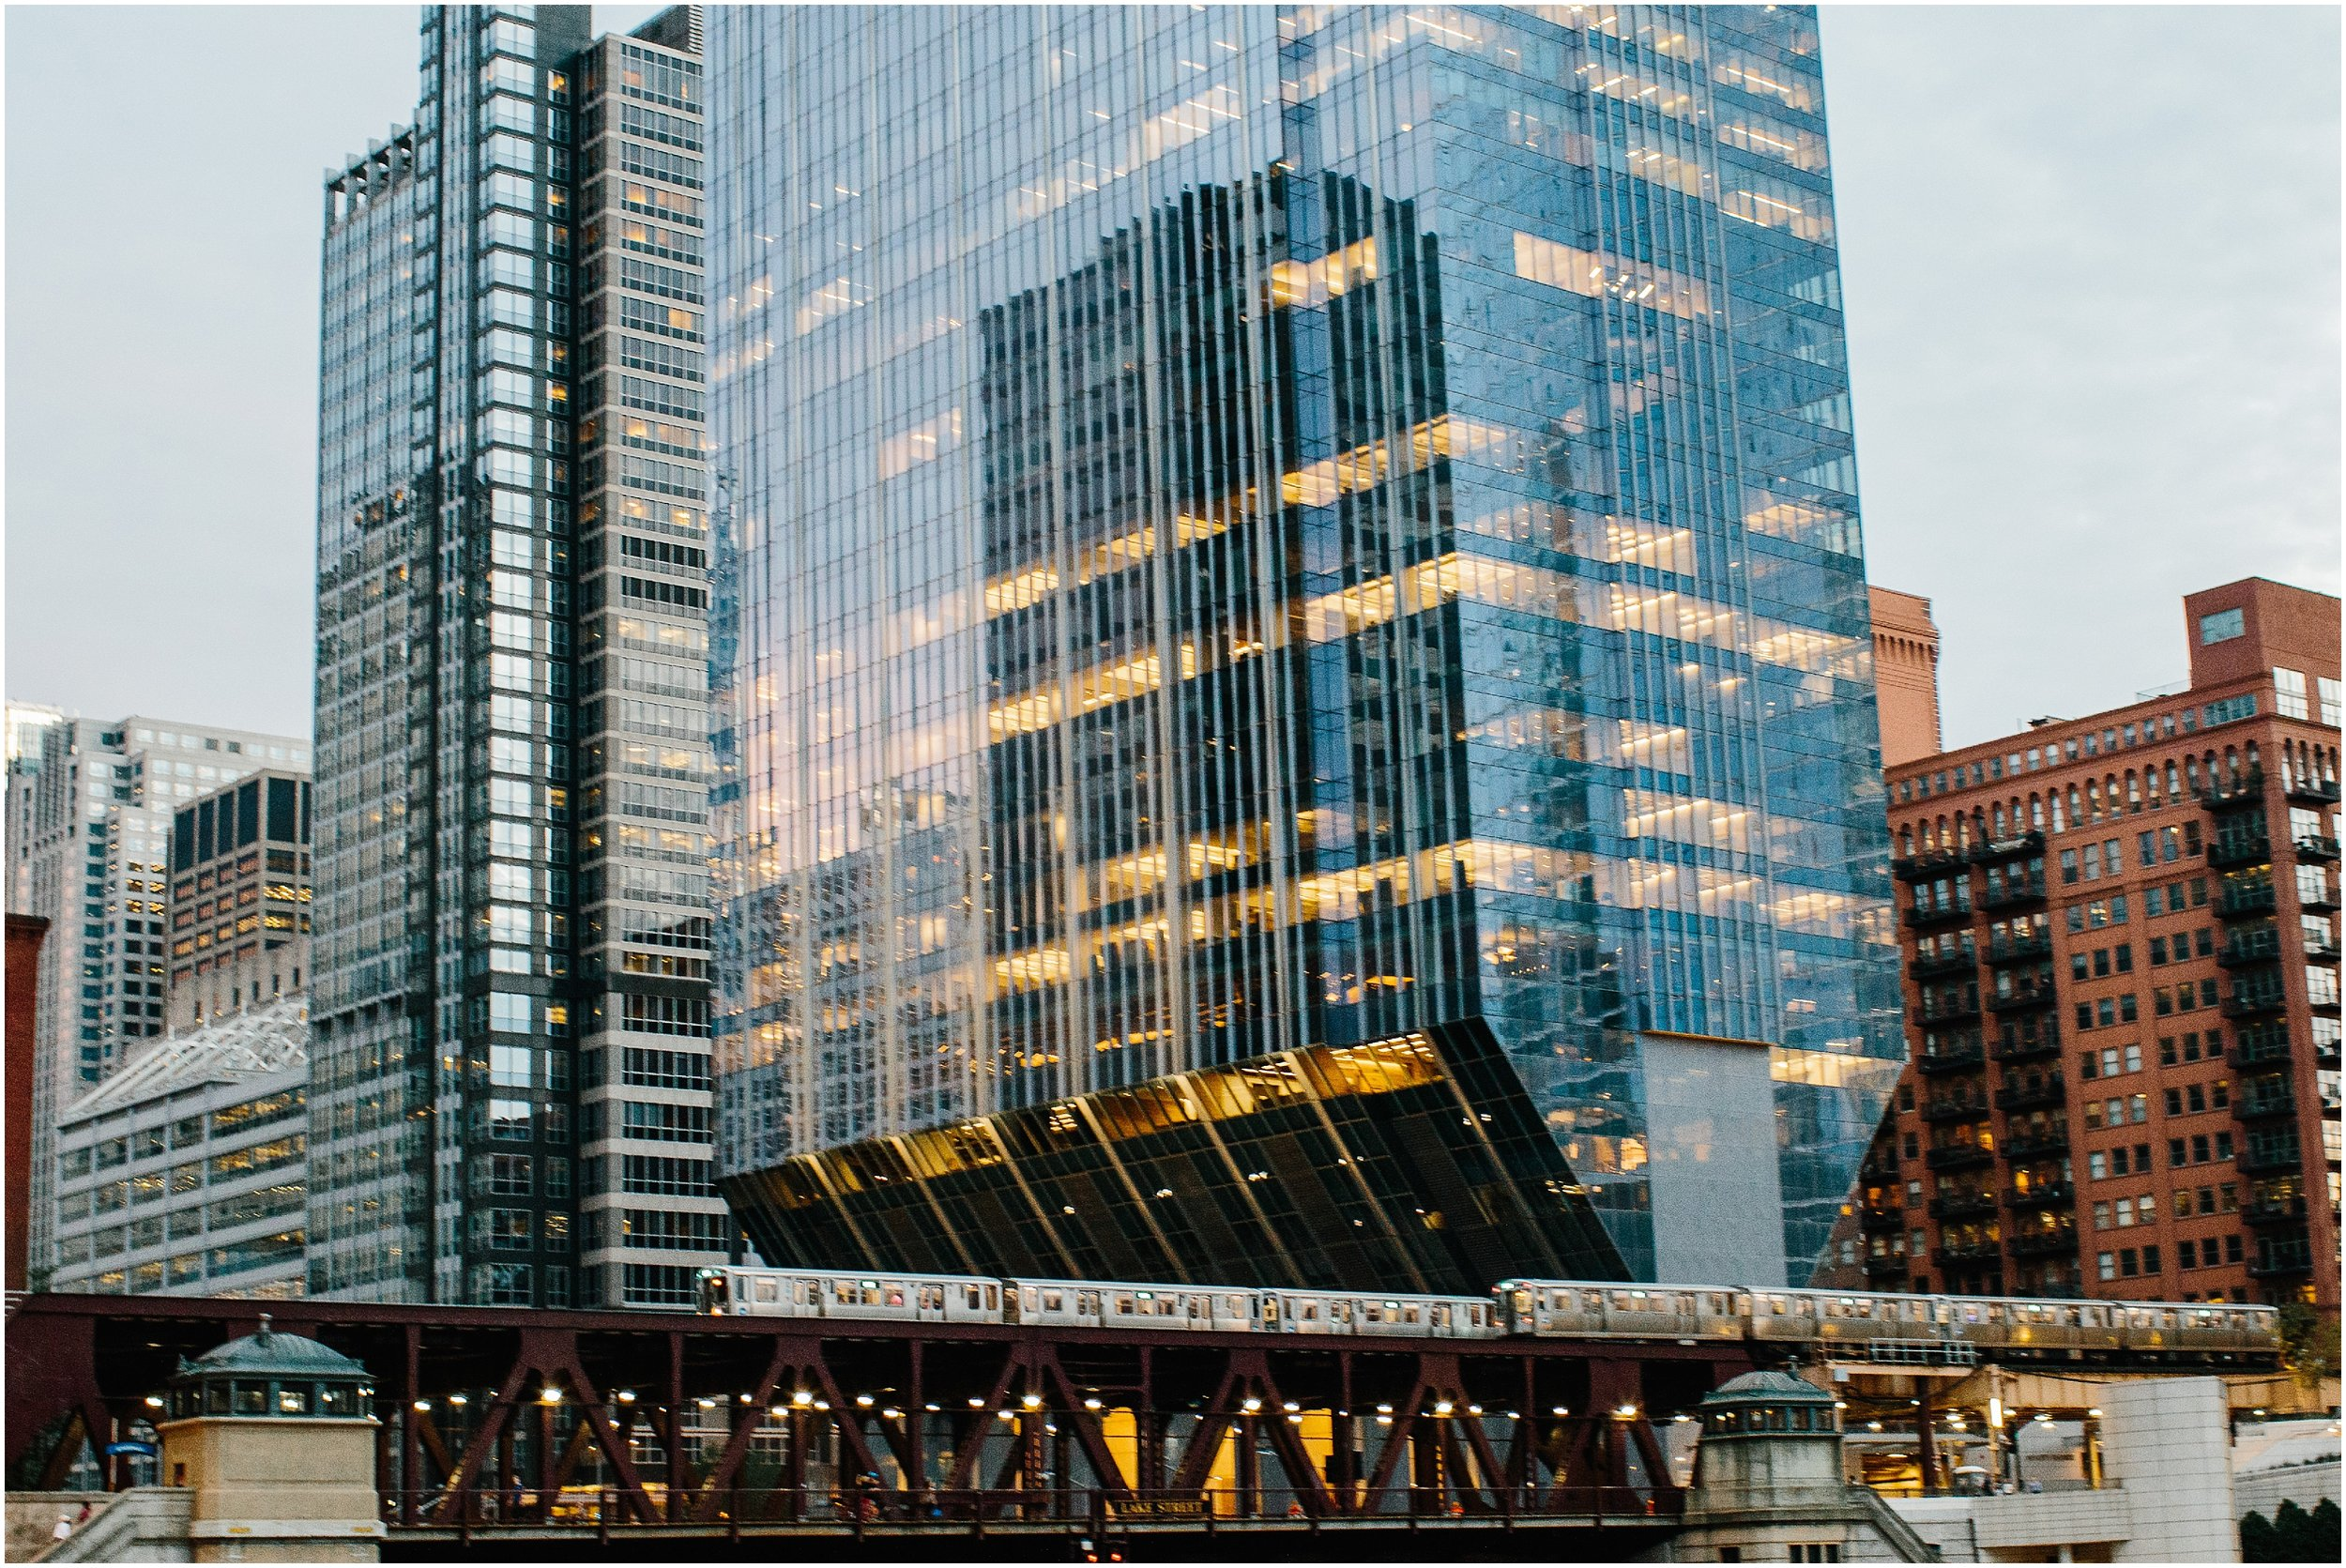 chicago_travel_guide_0518.jpg